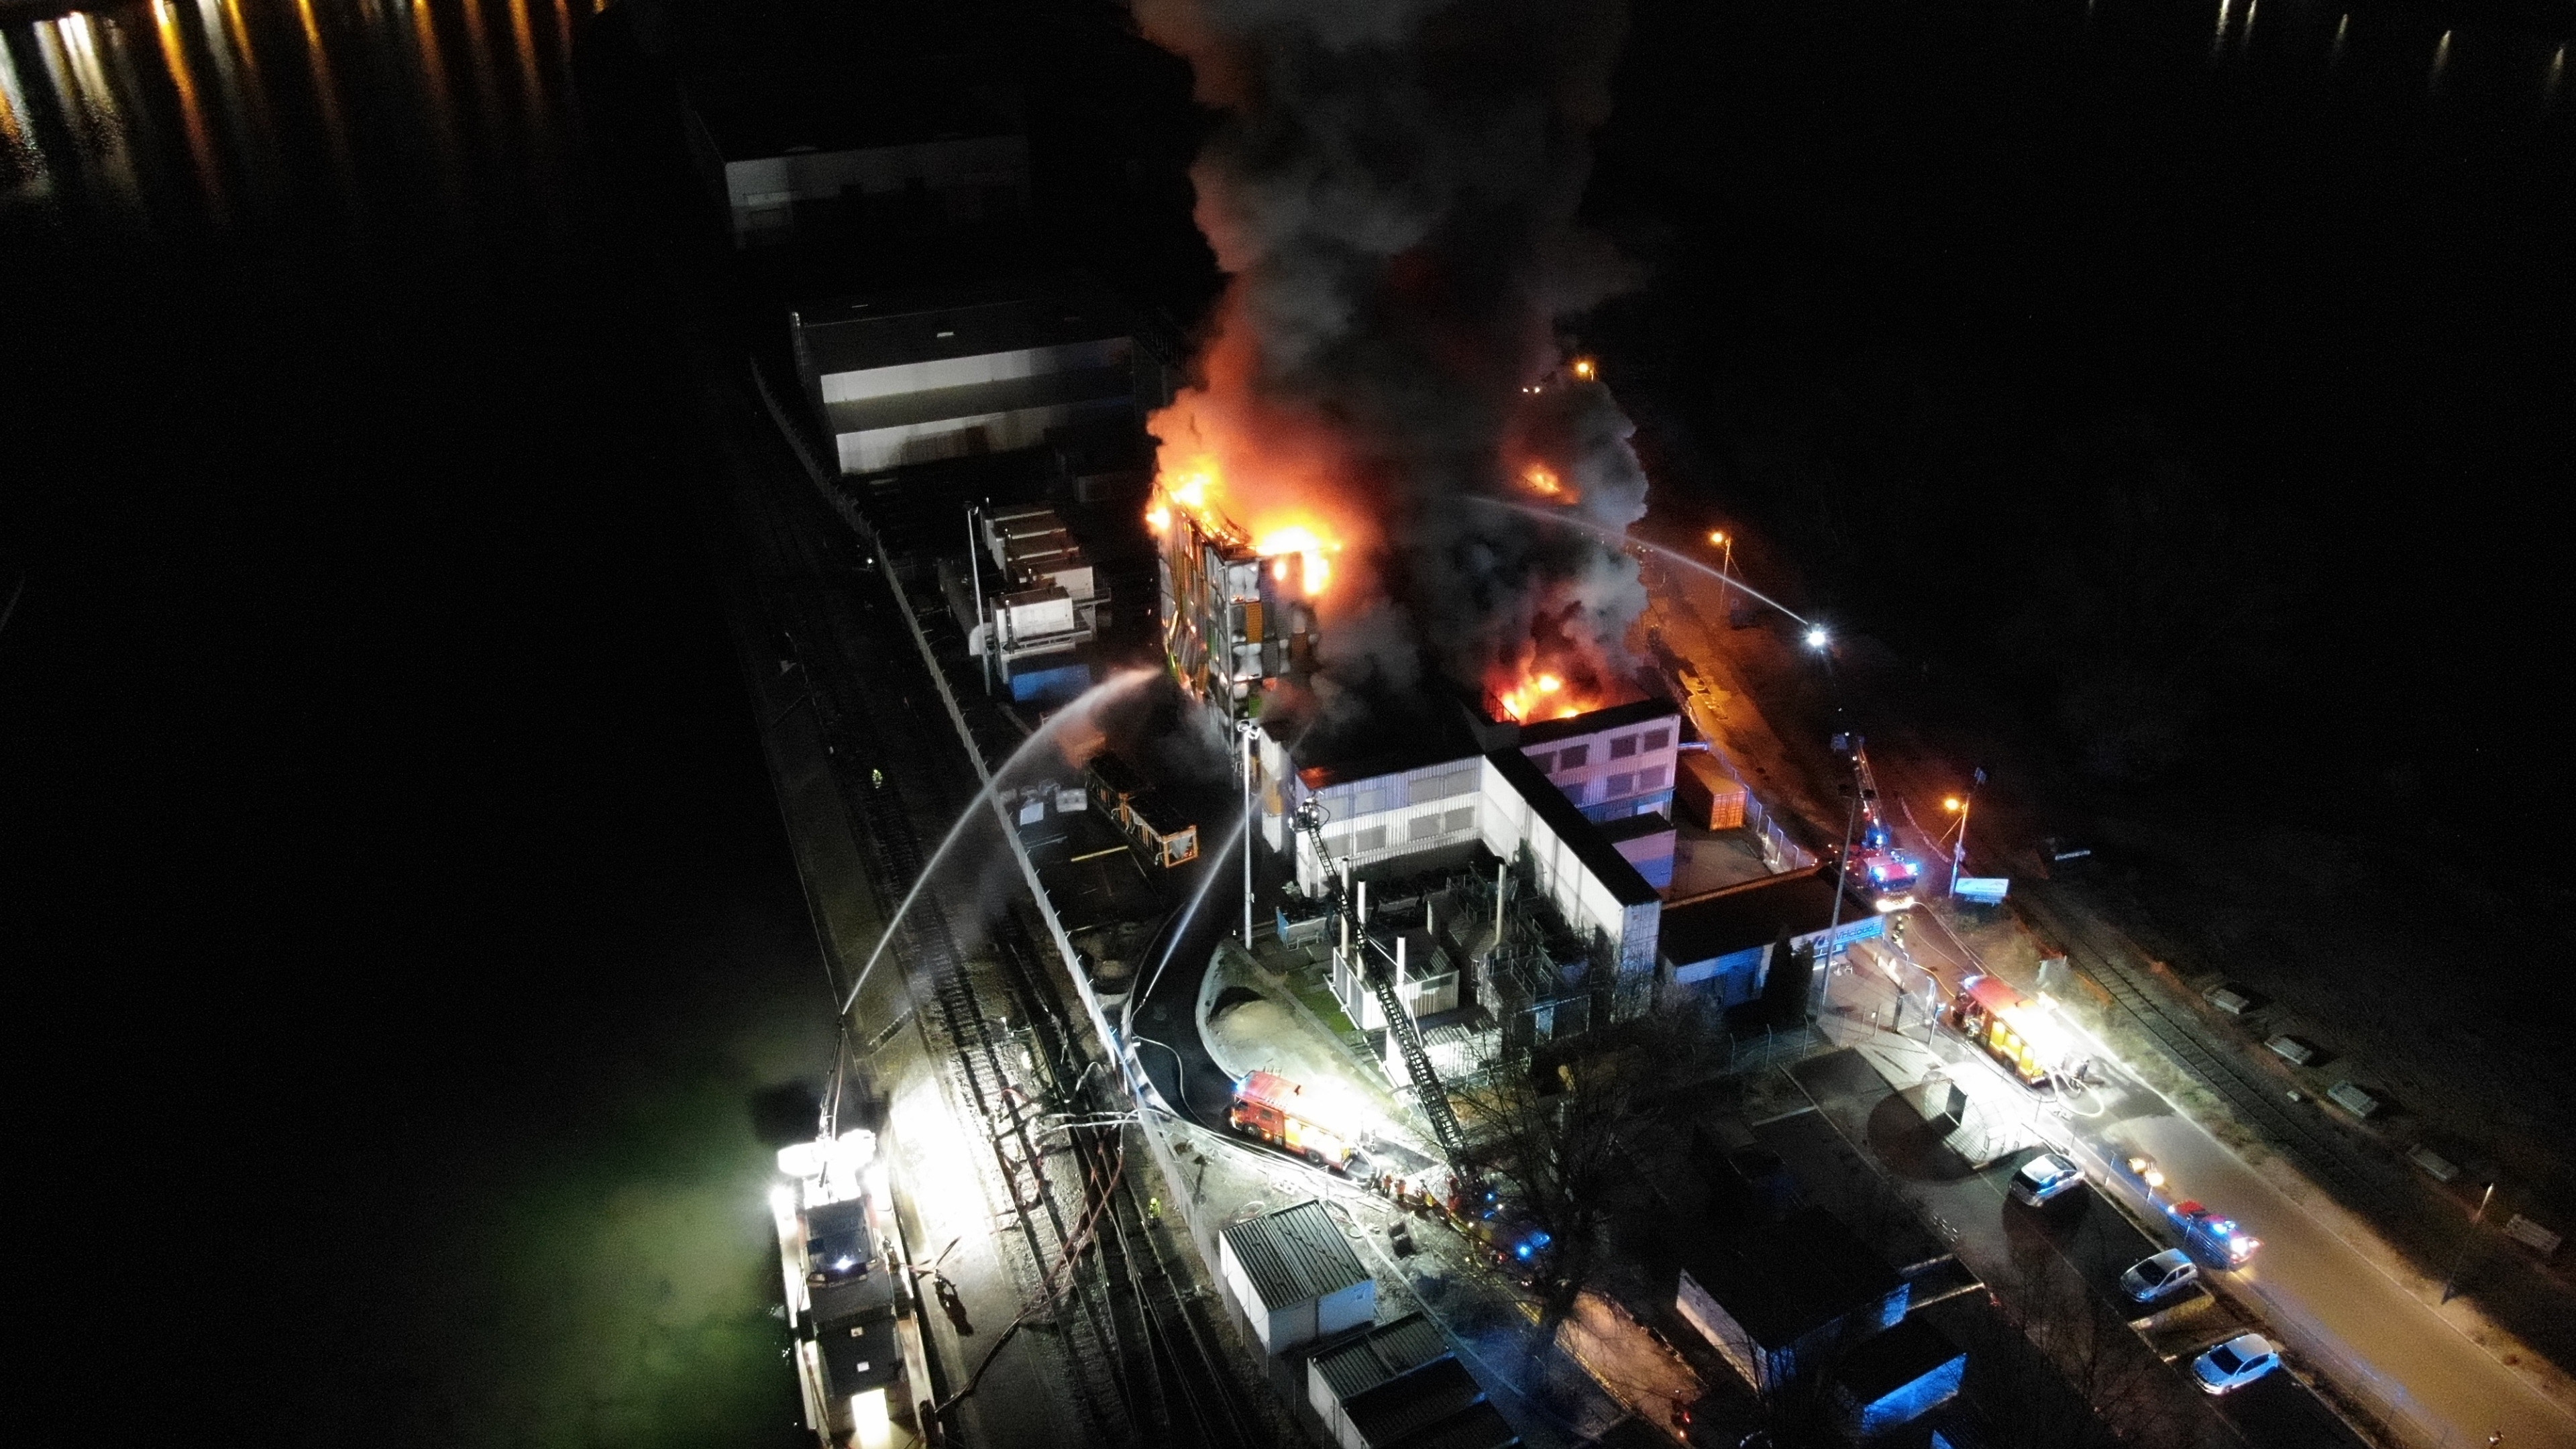 OVH Rechenzentrum Feuer in Straßburg